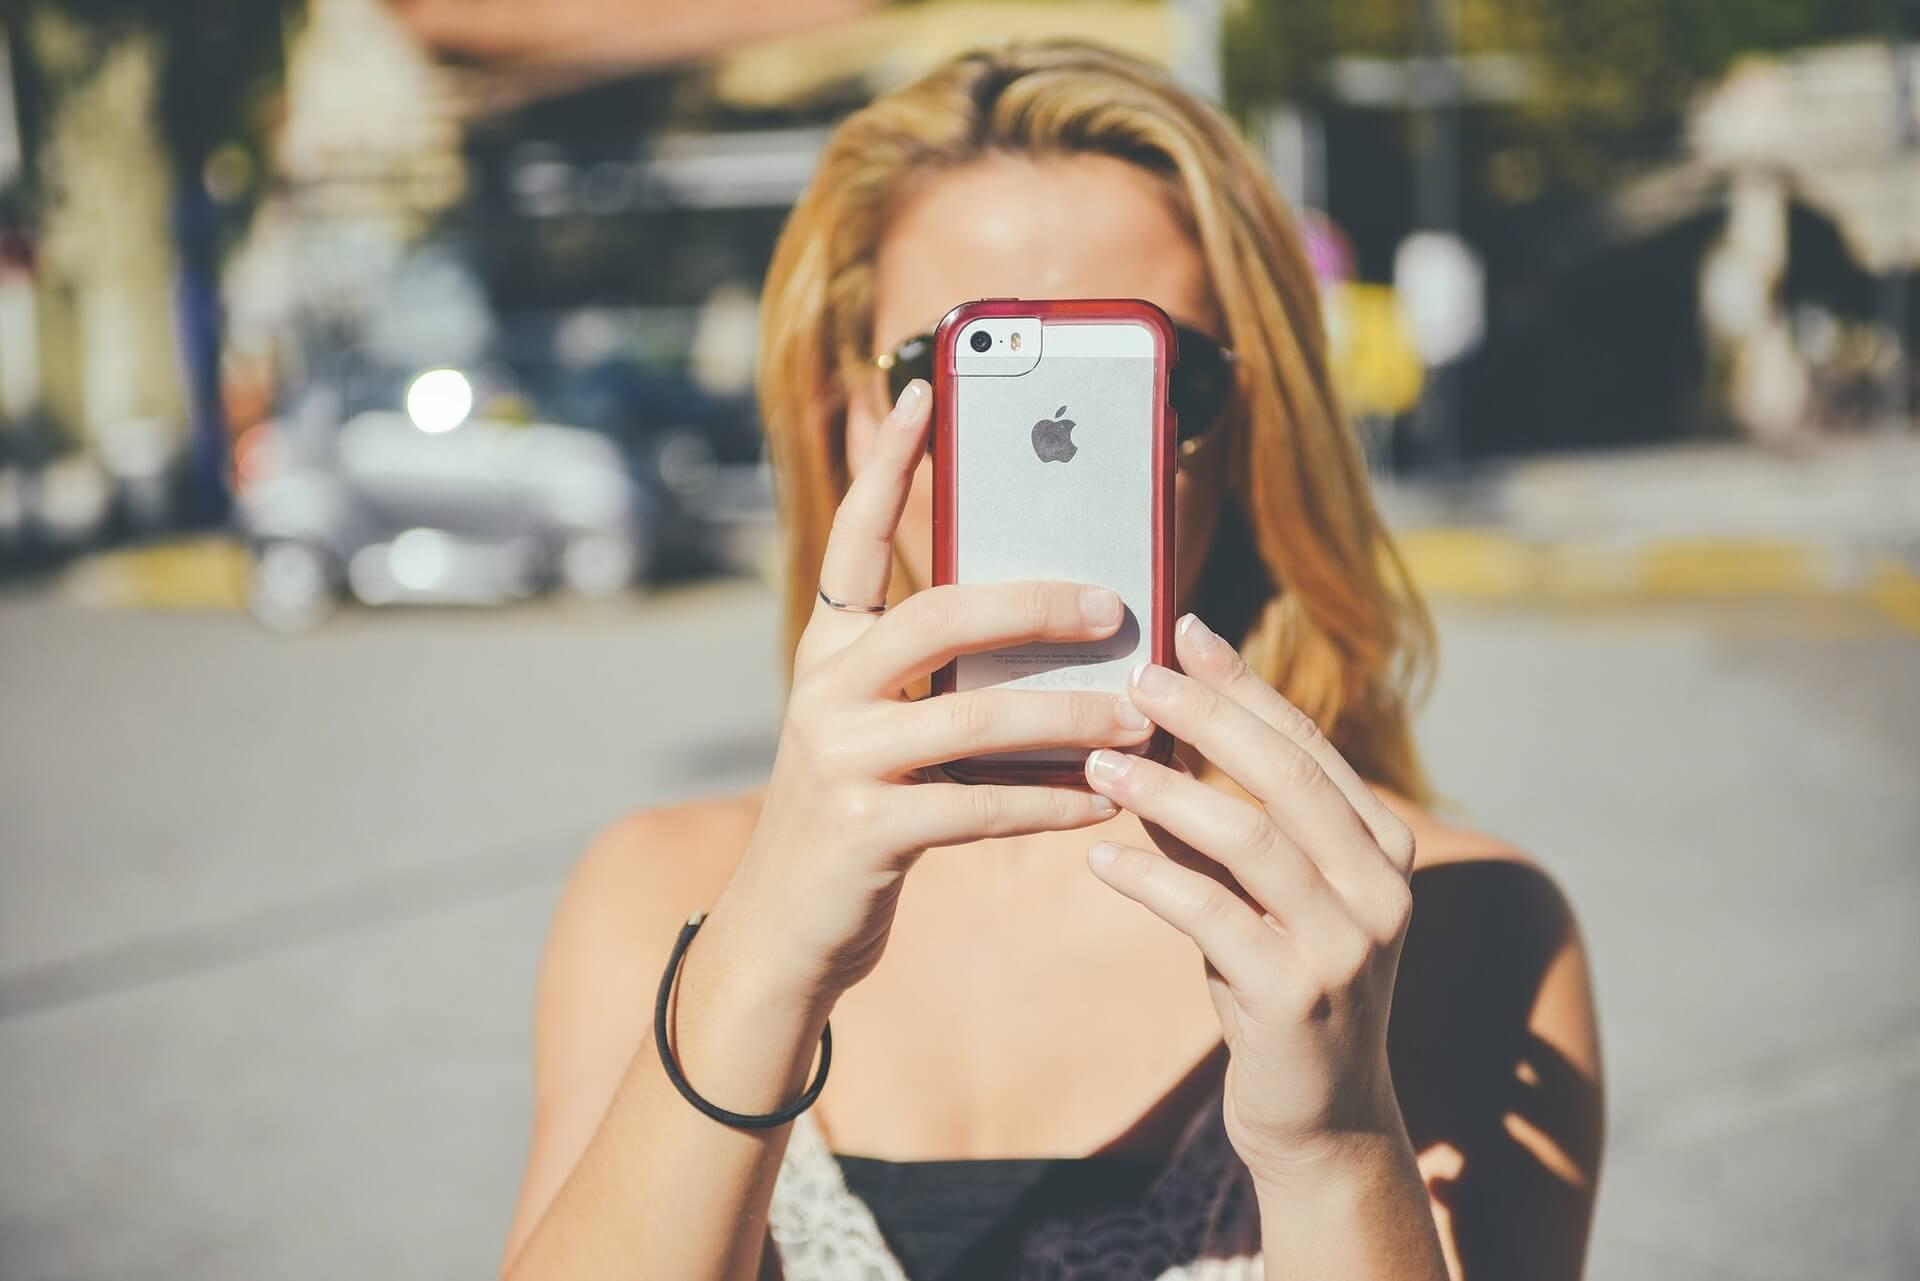 iPhoneを見ている女性